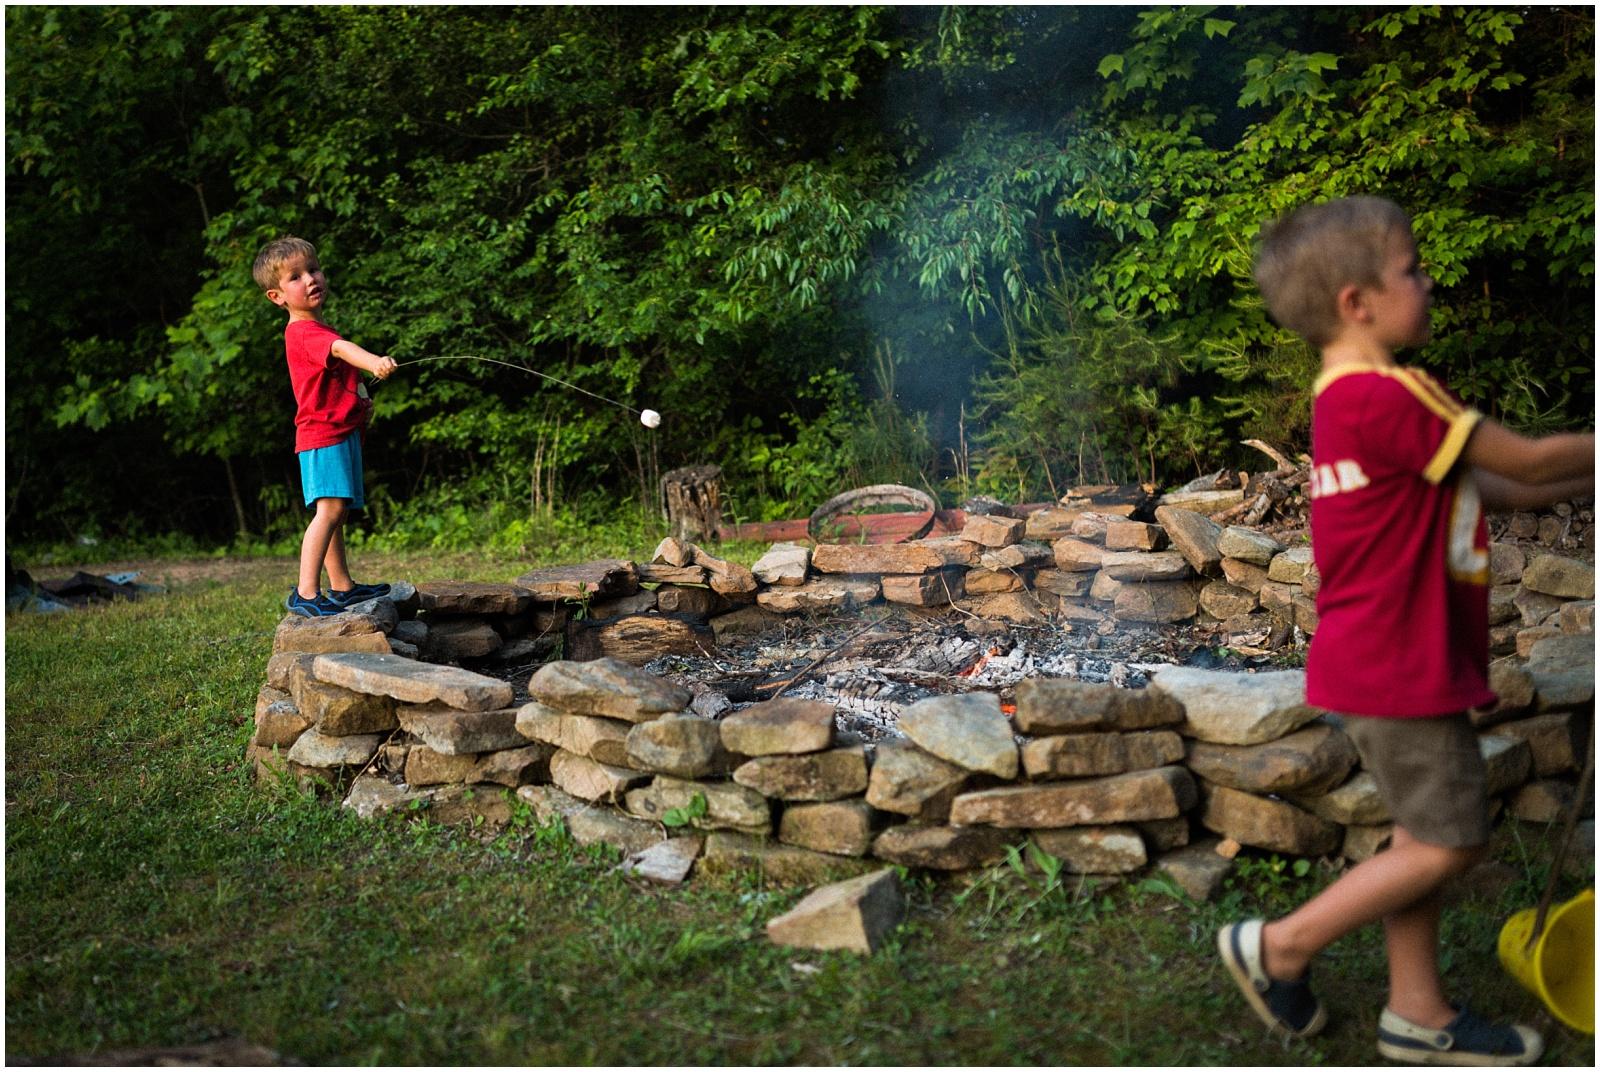 Kids roasting marshmallows